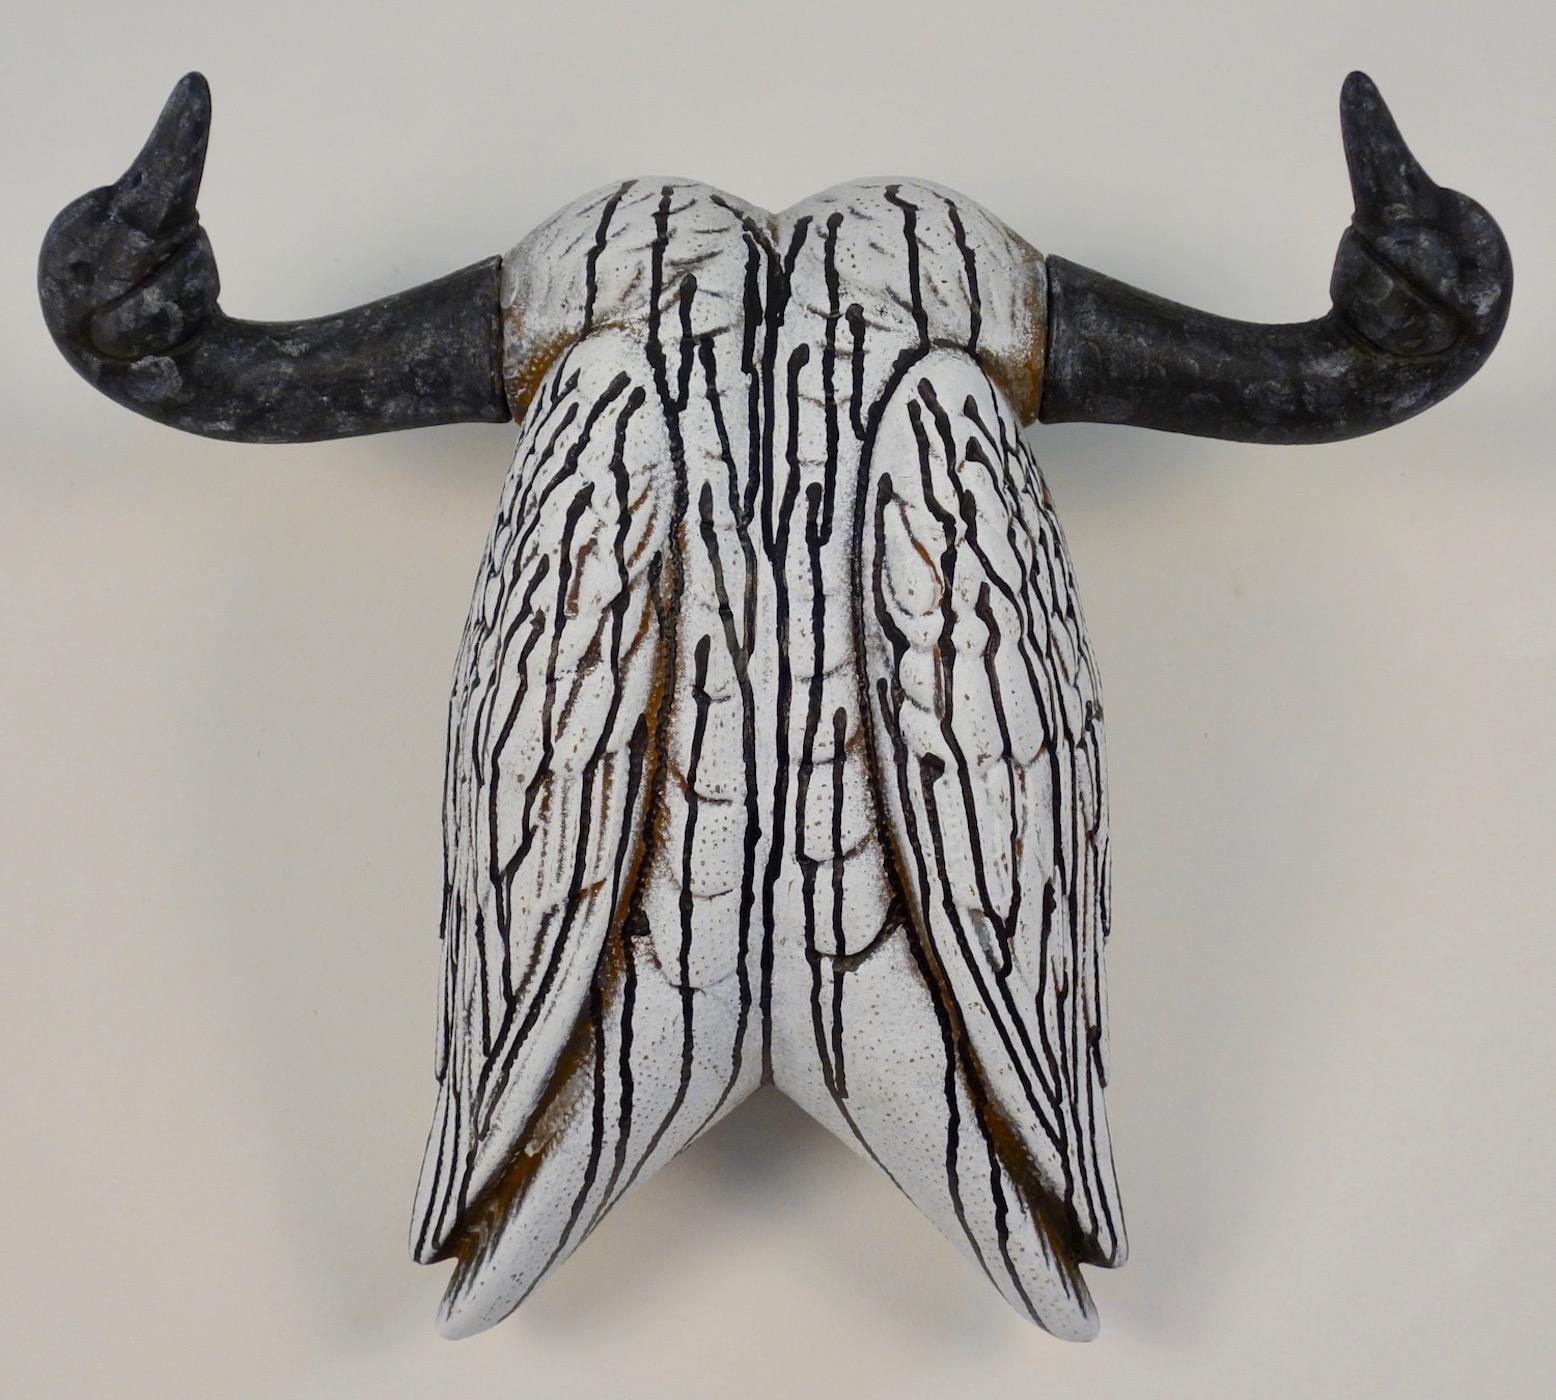 Ancestral Bison